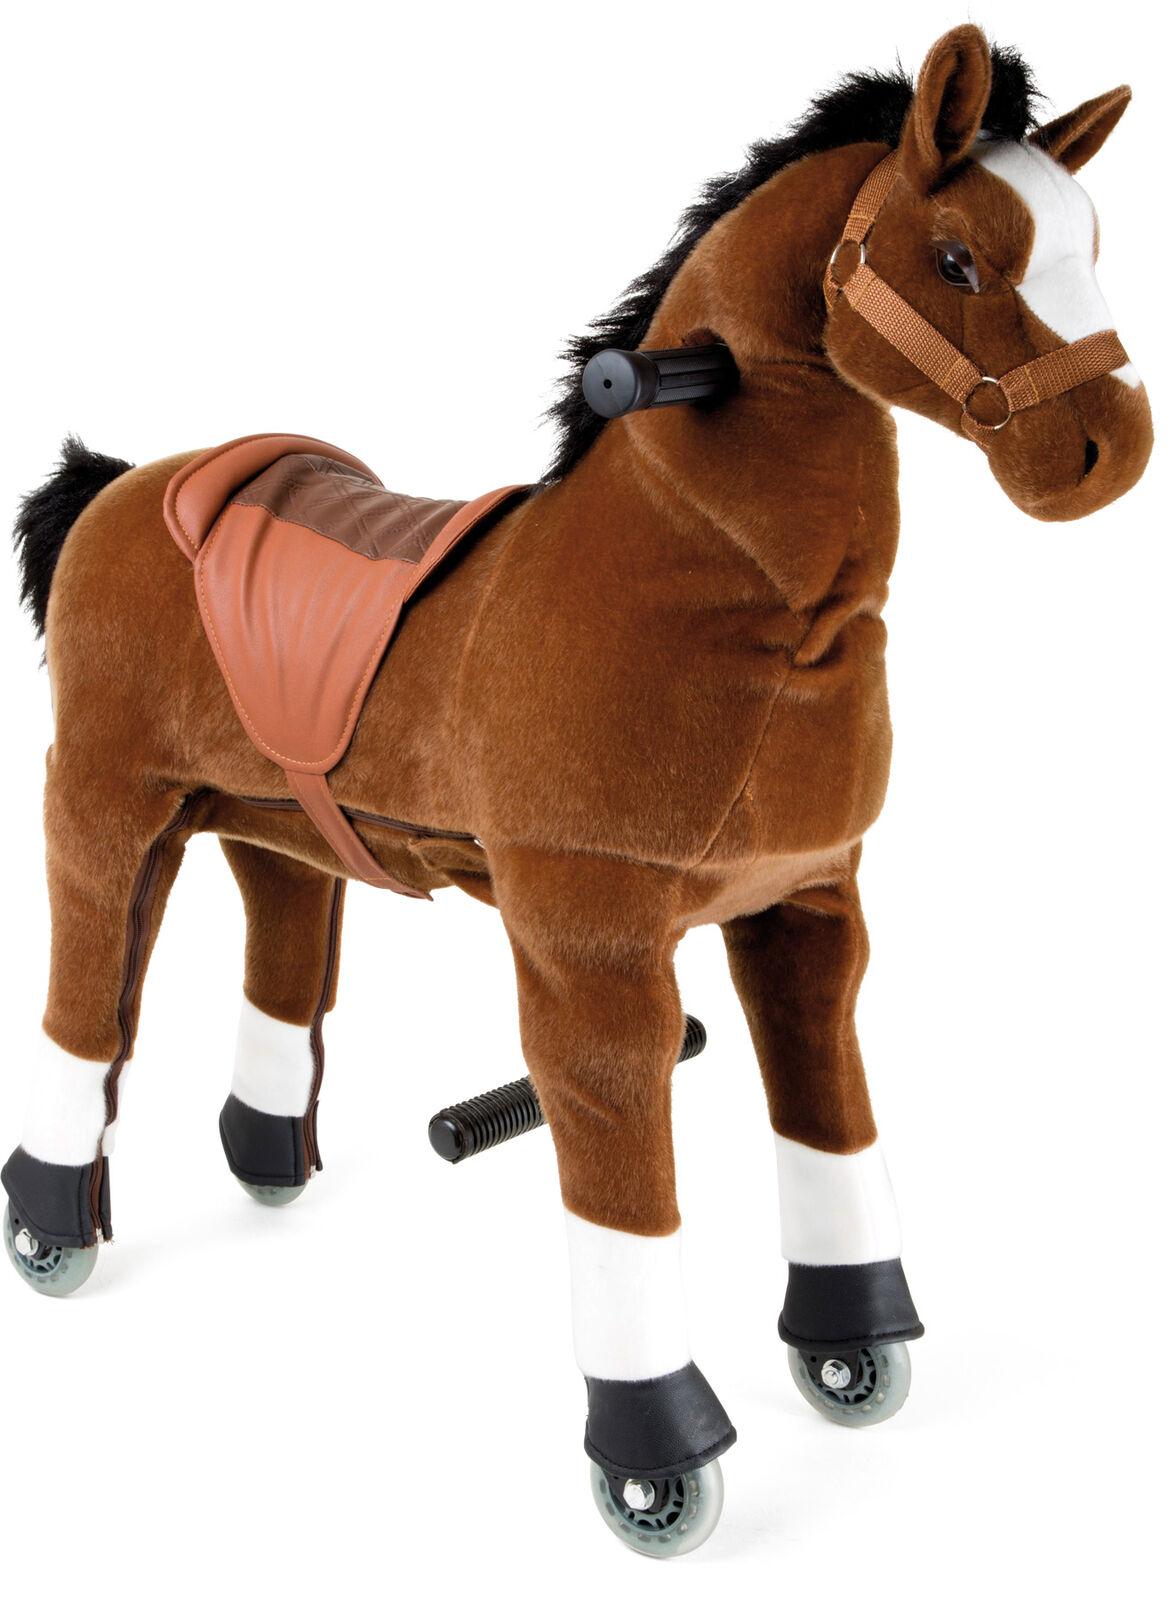 Cavallo Cavalcabile con ruote giocattolo bambini Fulmine – Piccolo